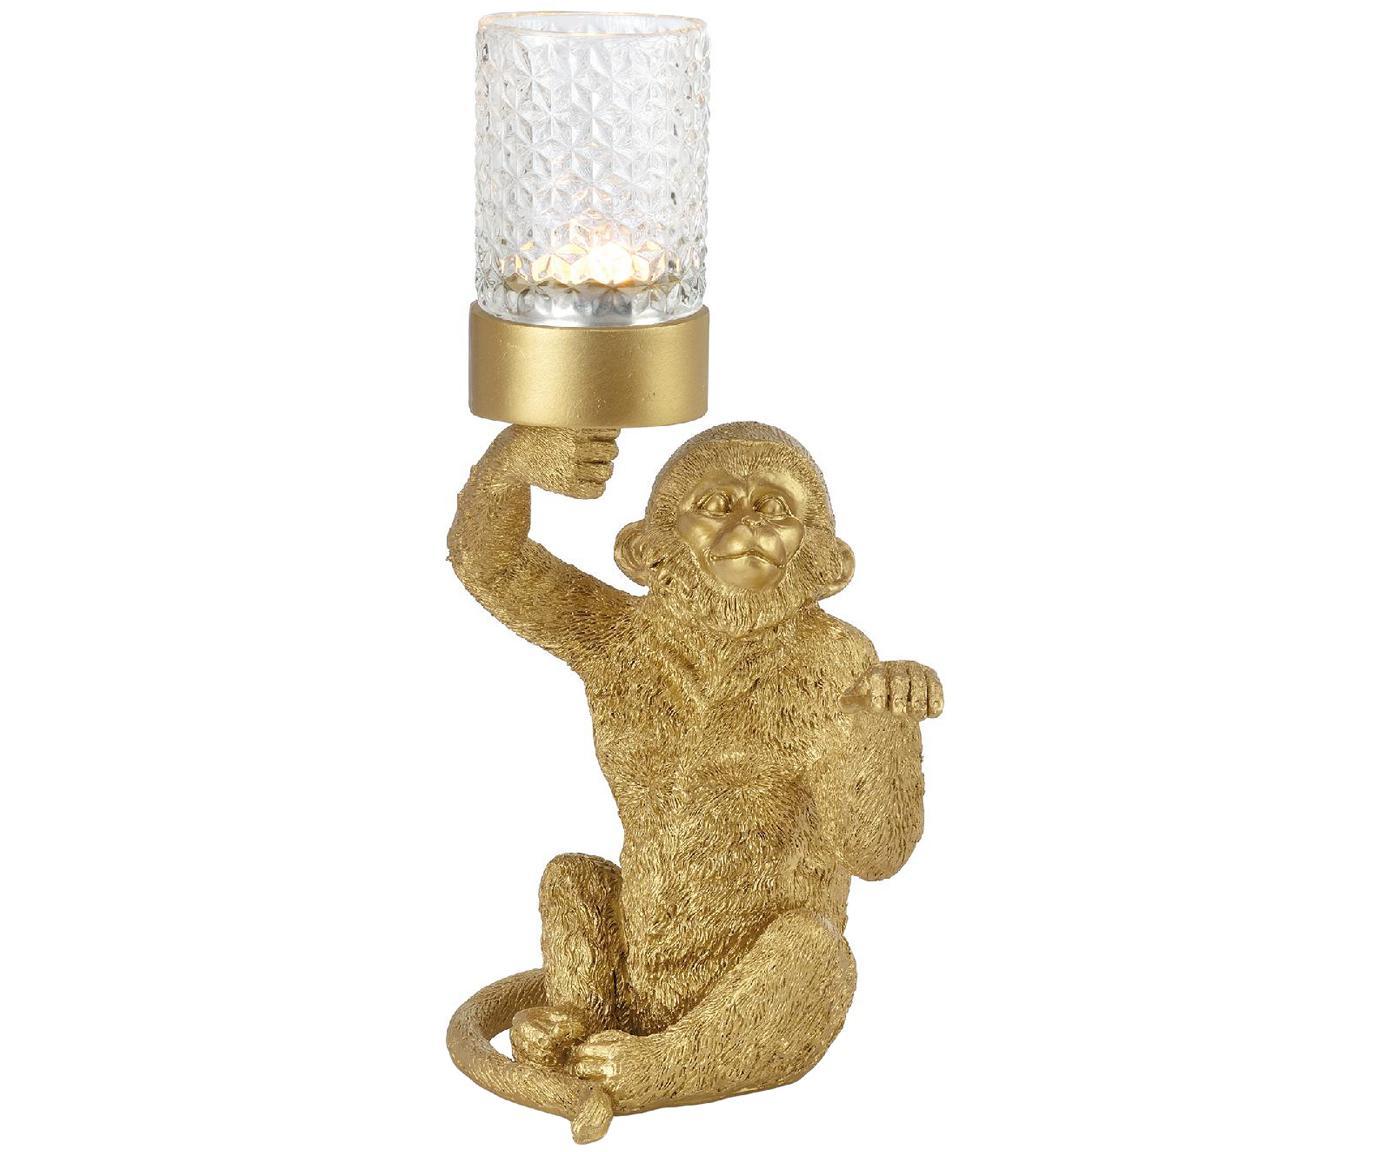 Portalumini Monkey, Materiale sintetico, Dorato, Larg. 16 x Alt. 30 cm